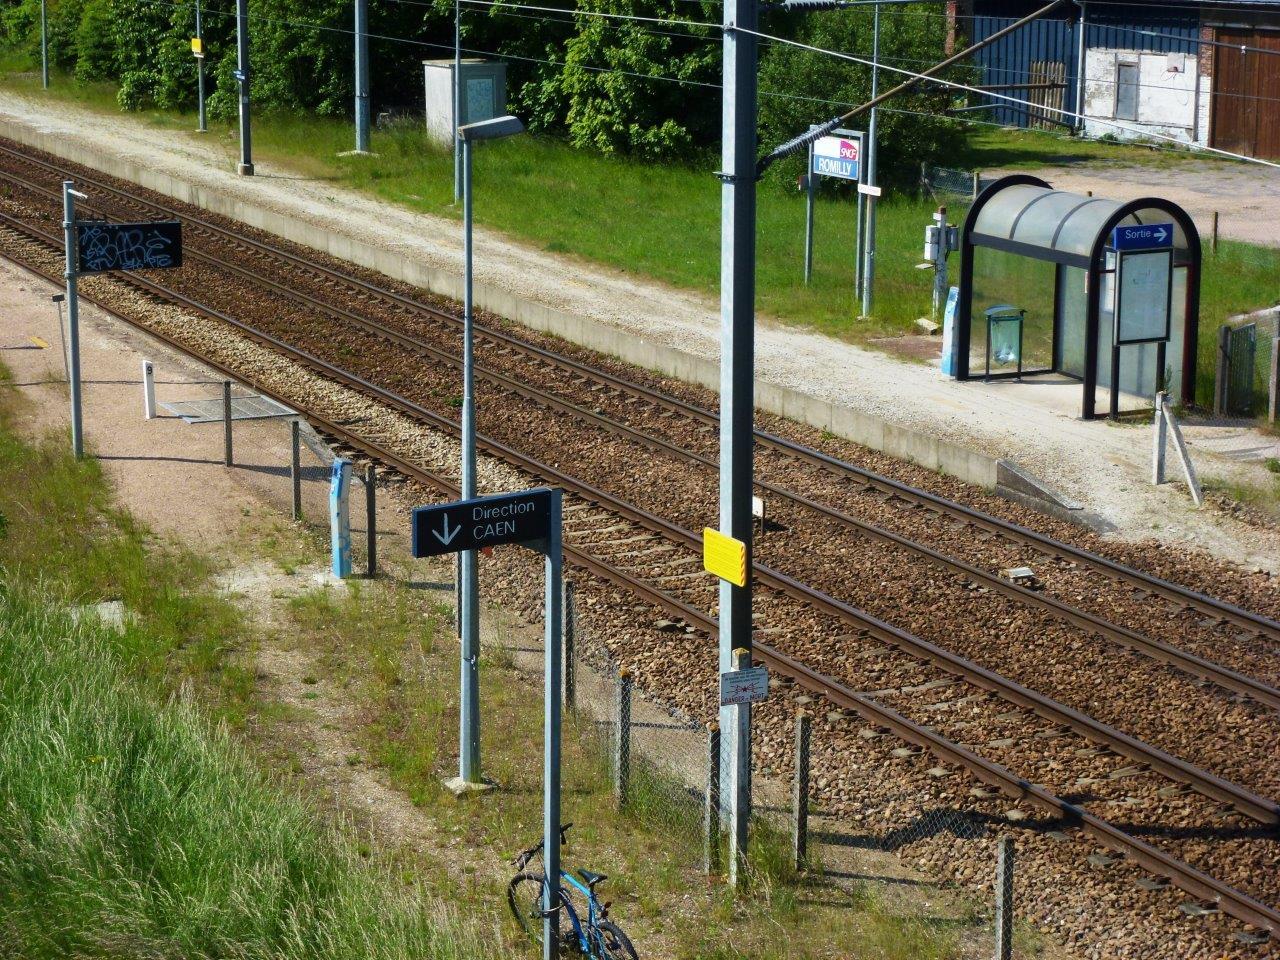 gare-de-romilly-la-puthenaye-train-station